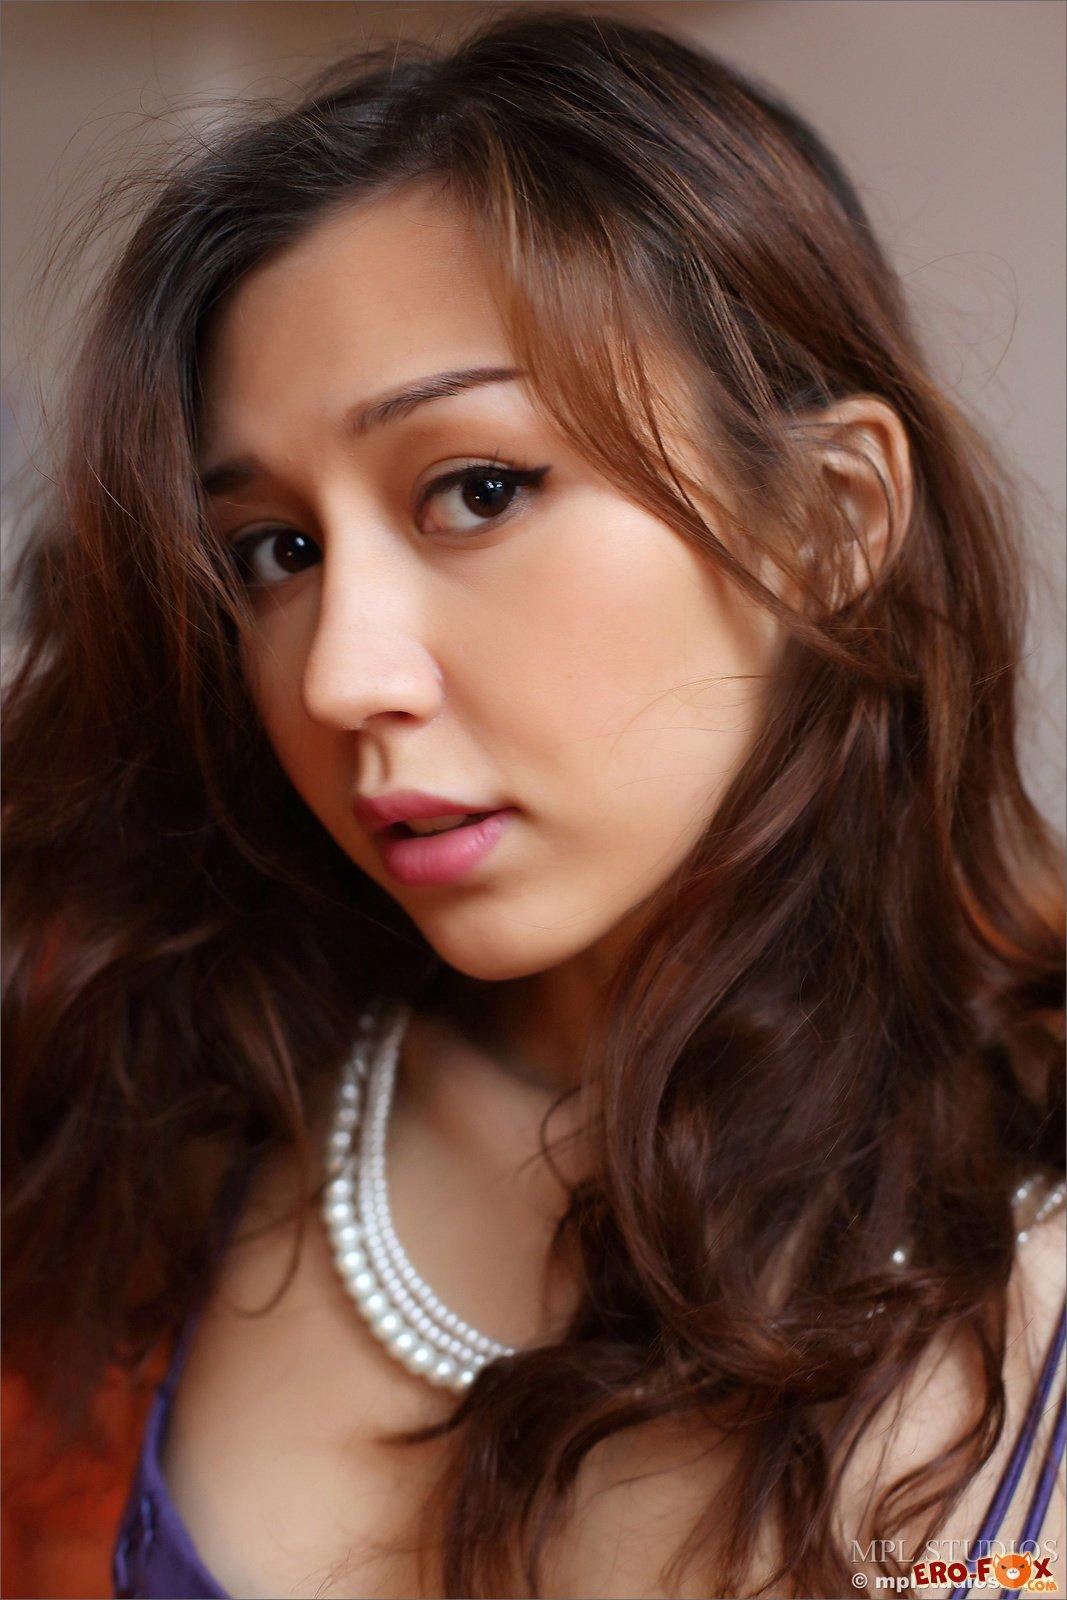 Азиатка с красивой попкой в чулках без трусиков